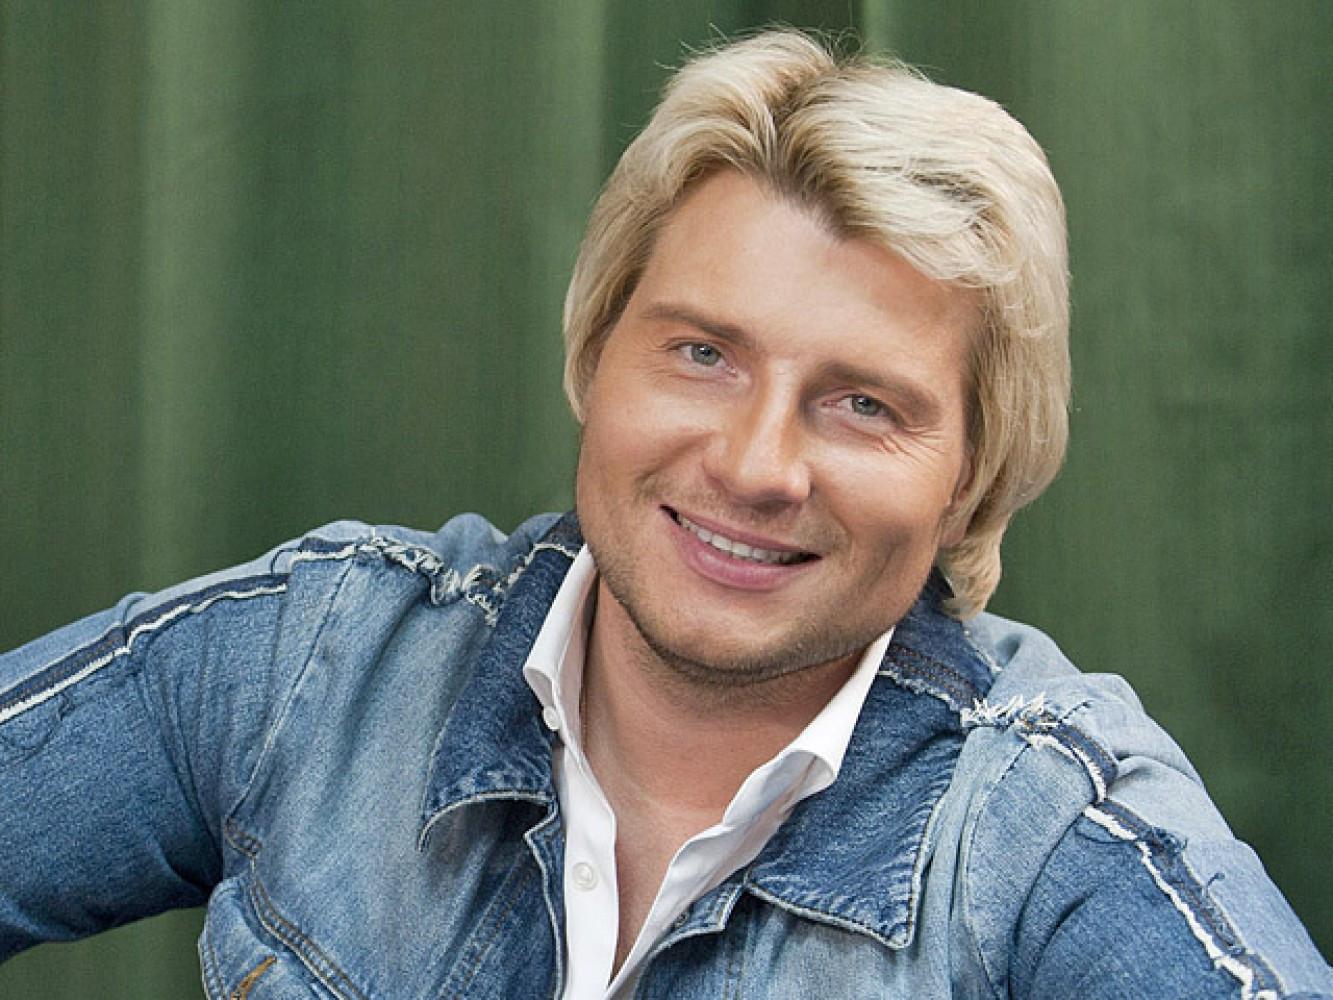 Список российских певцов фото, Список звезд российской эстрады. Исполнители, группы 28 фотография